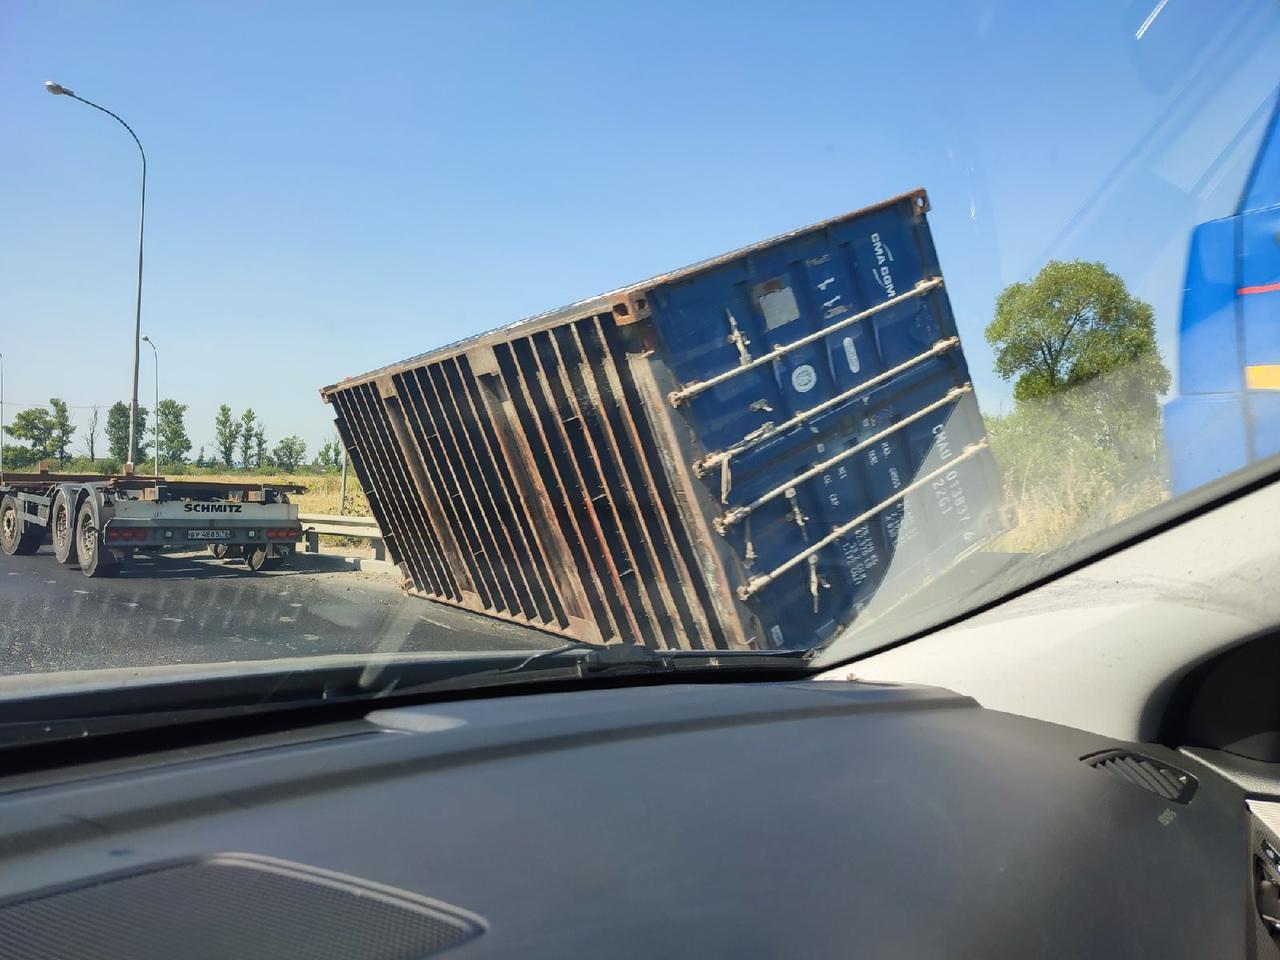 Завалили контейнер около Ленты на Московском шоссе 16